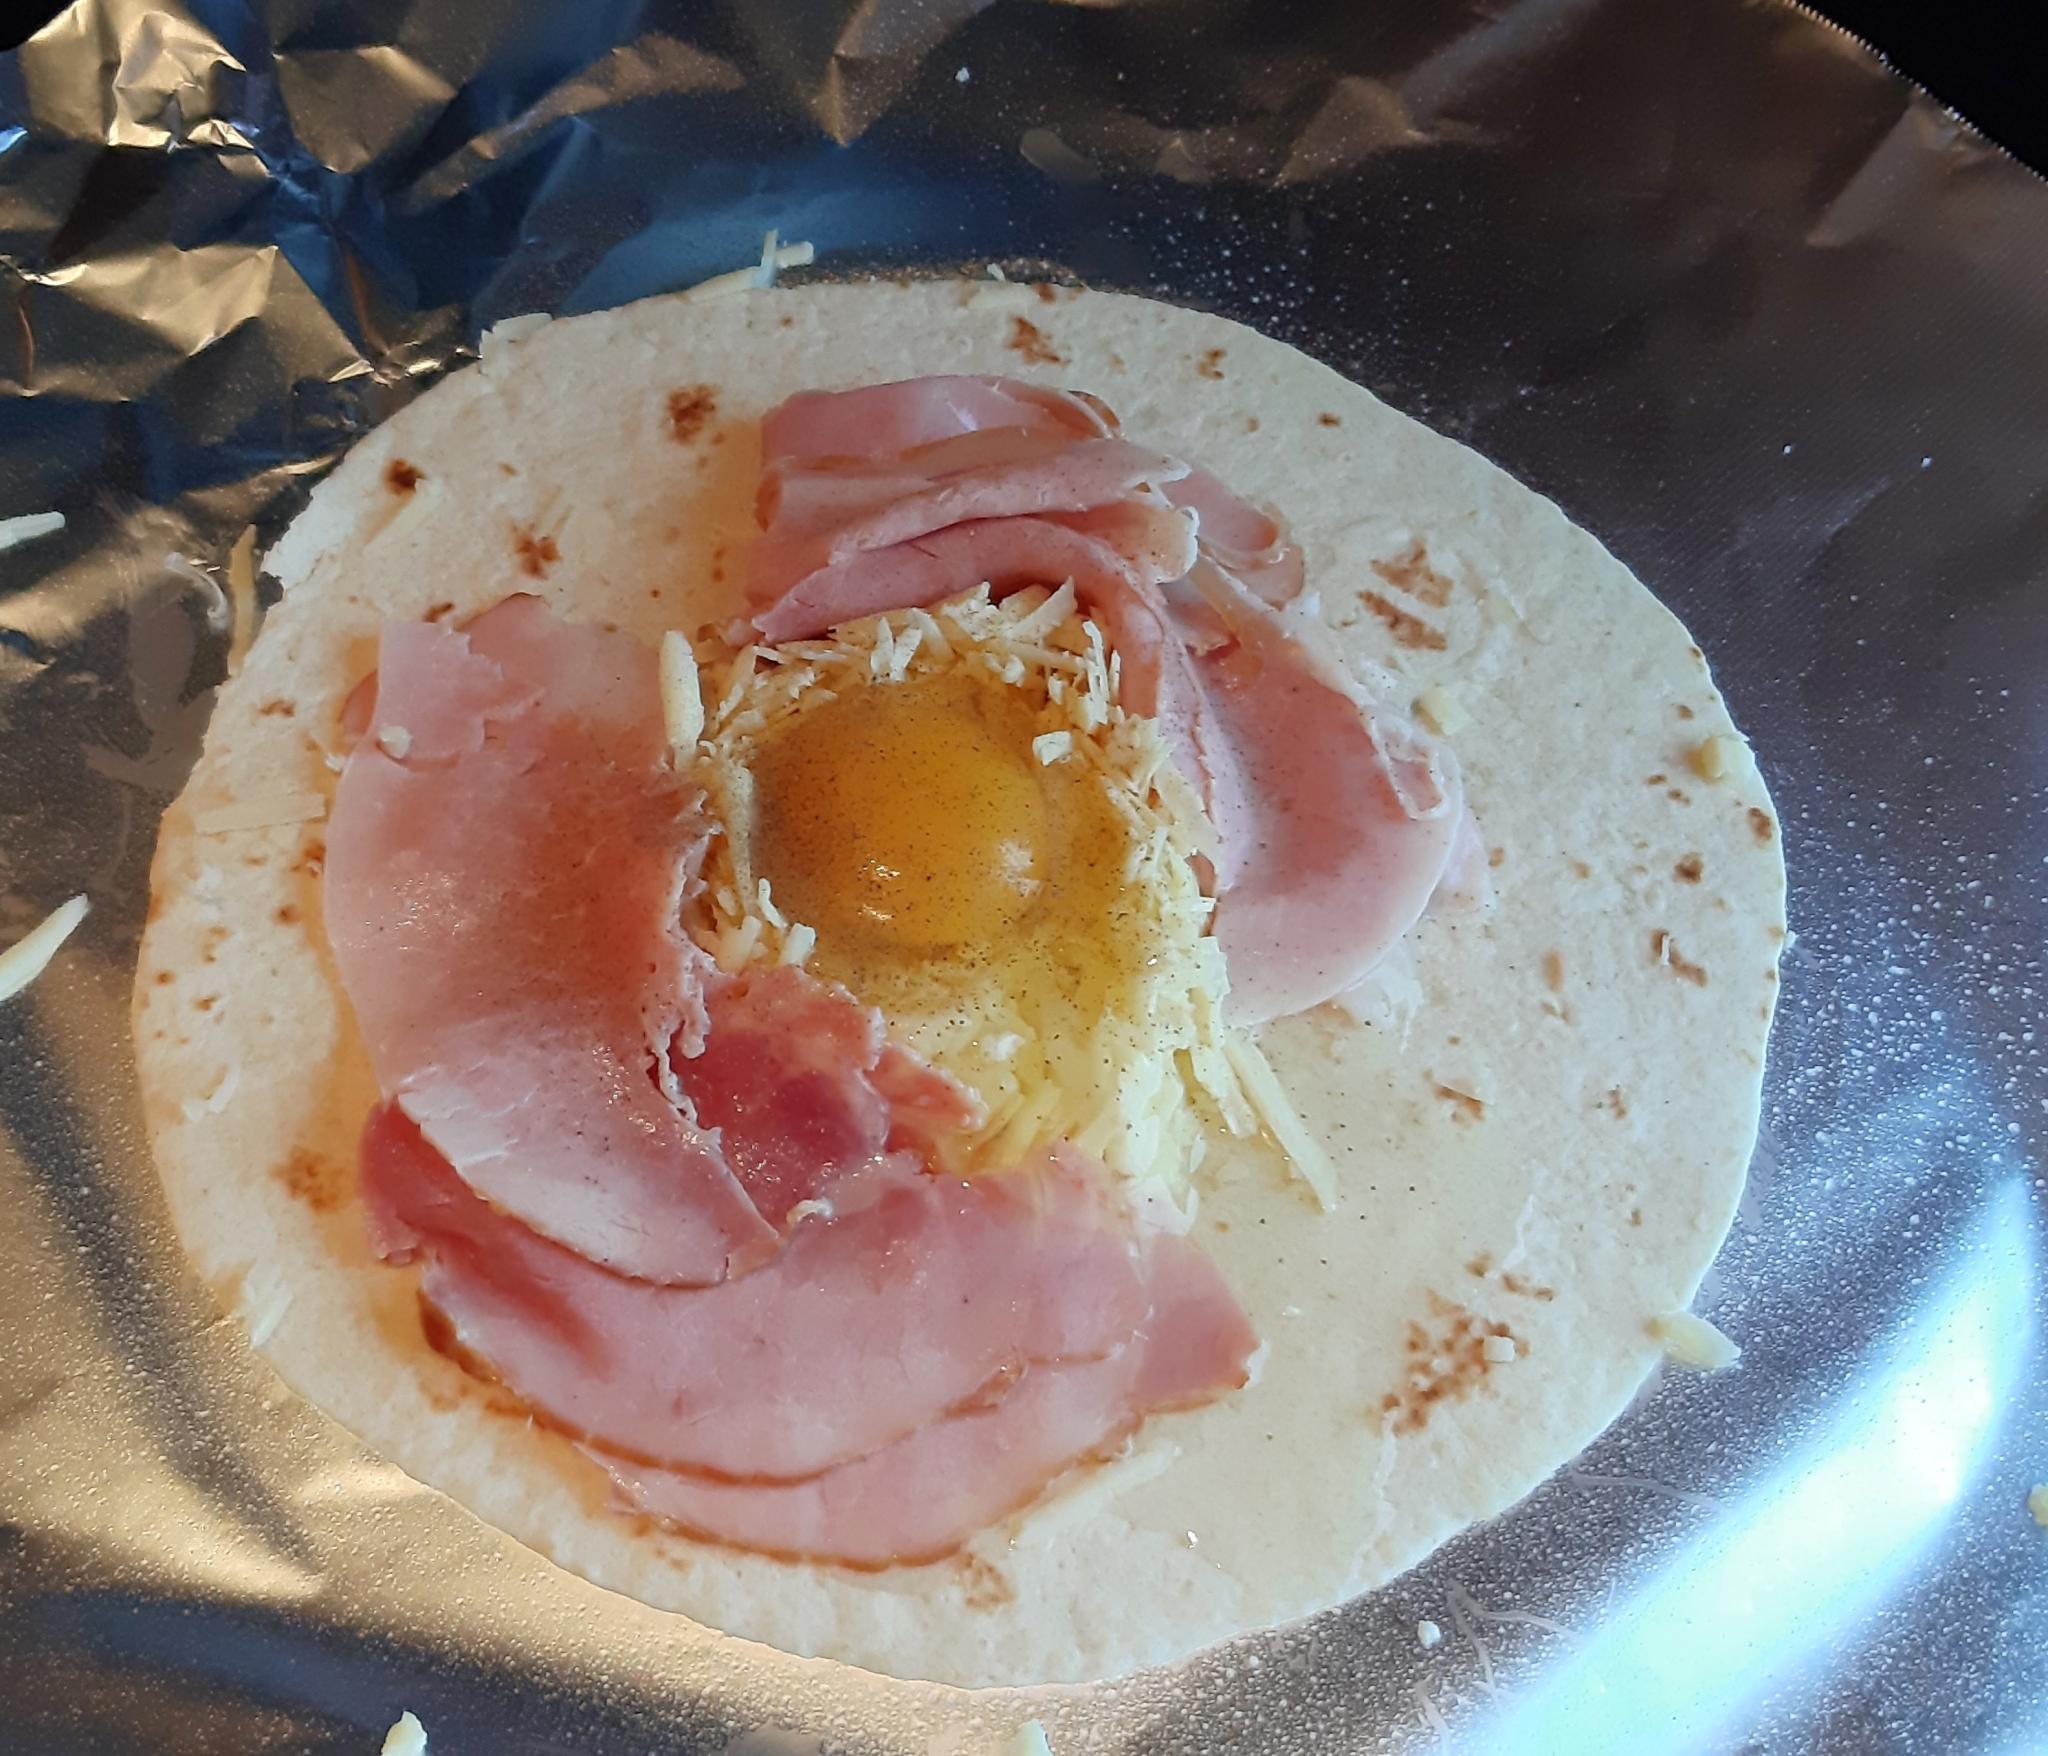 Breakfast-20200117_103117-jpg